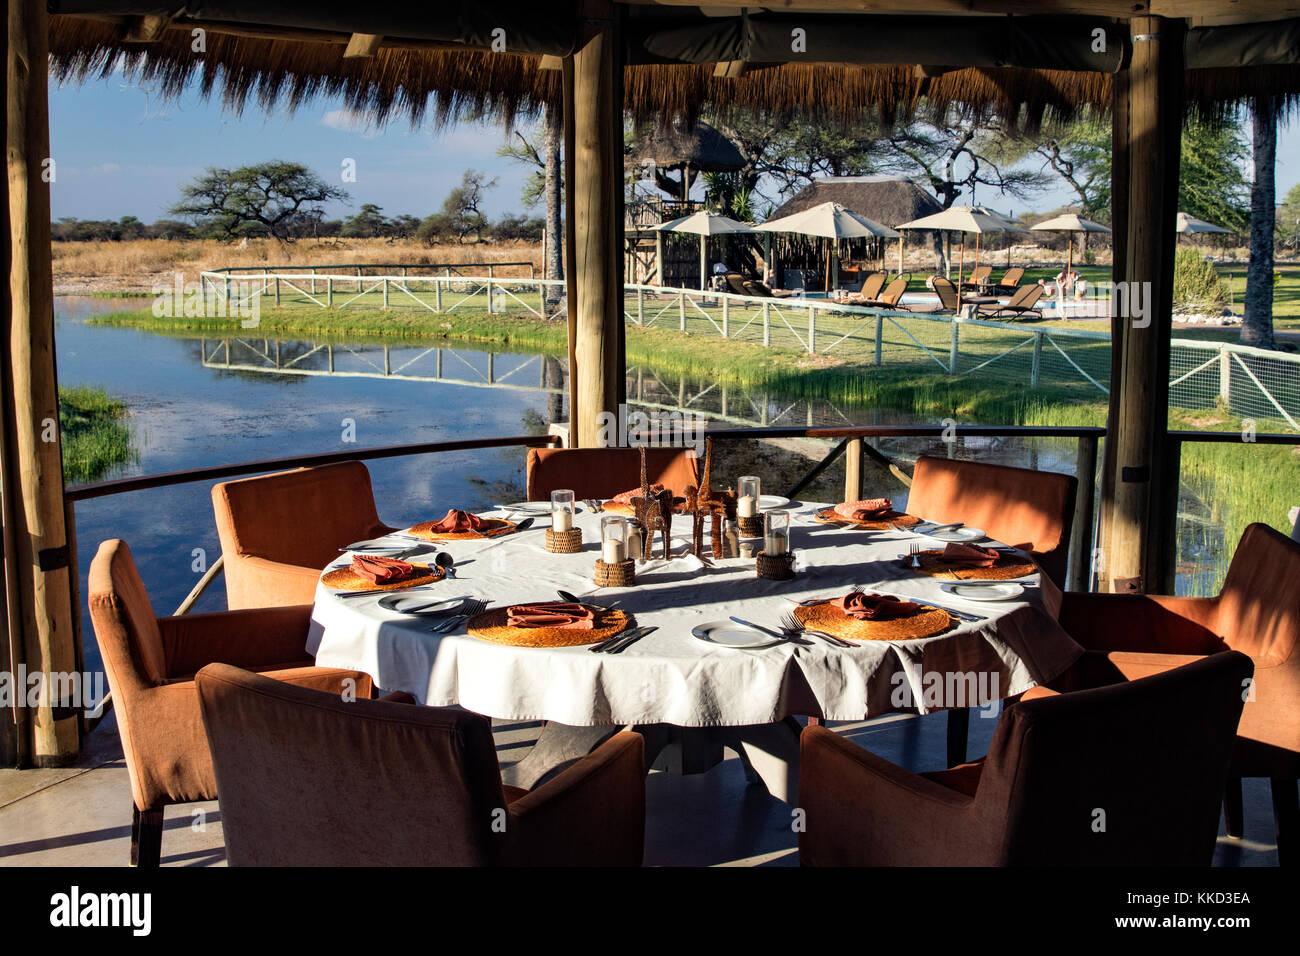 El comedor al aire libre en el campo de Bush, onguma onguma Game Reserve, Namibia, África Imagen De Stock